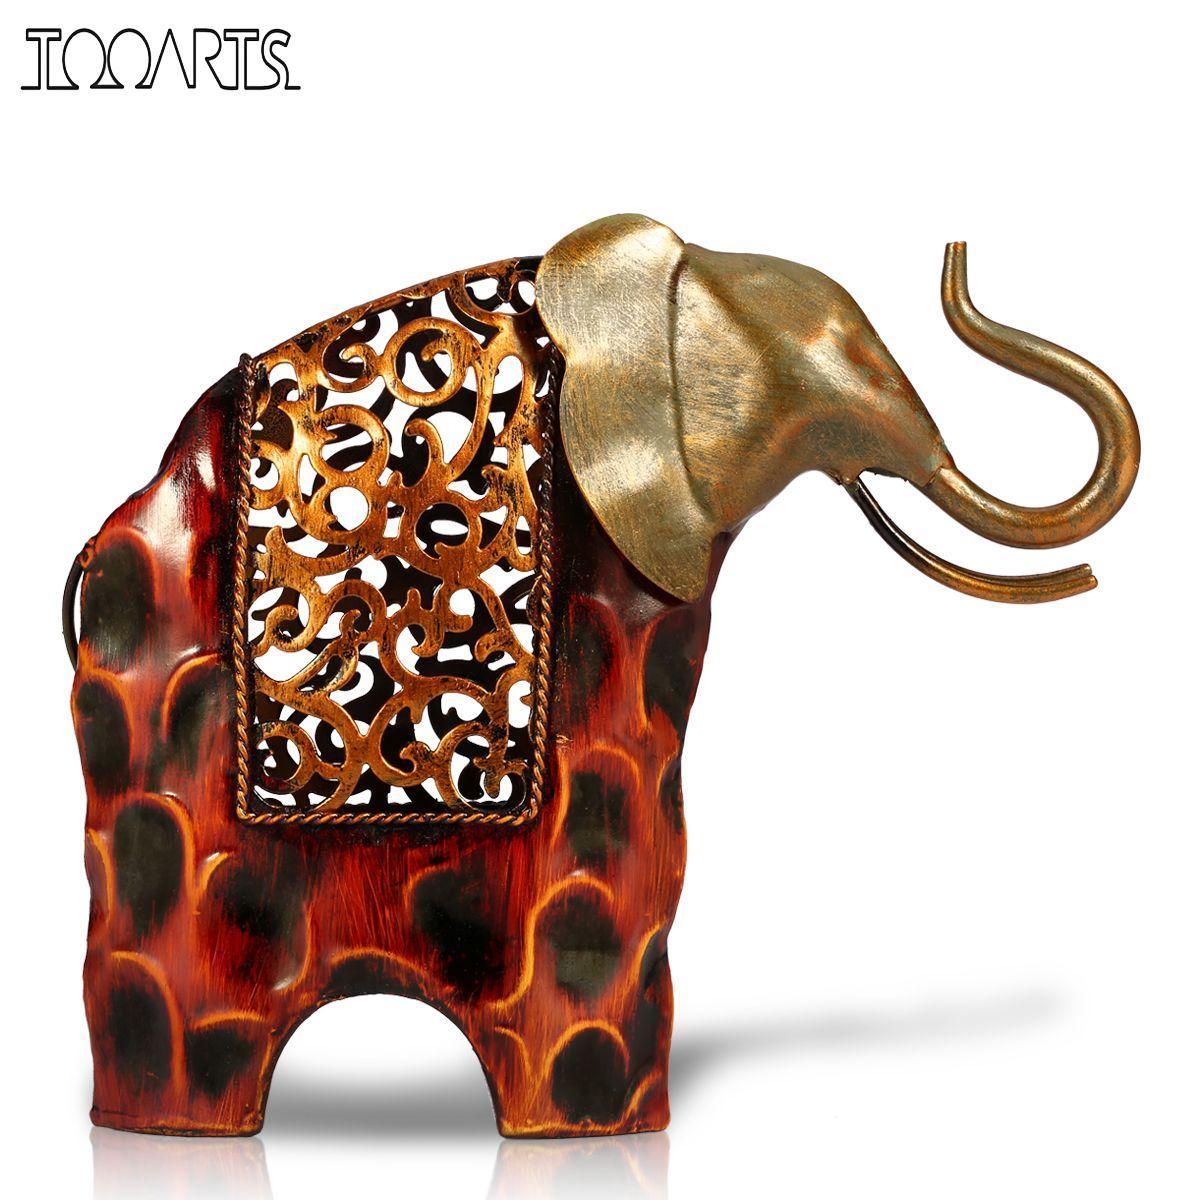 Tooarts резная железная фигурка слона металлическая фигурка животного домашний декор миниатюрный подарок ремесла для украшения дома аксессуа...